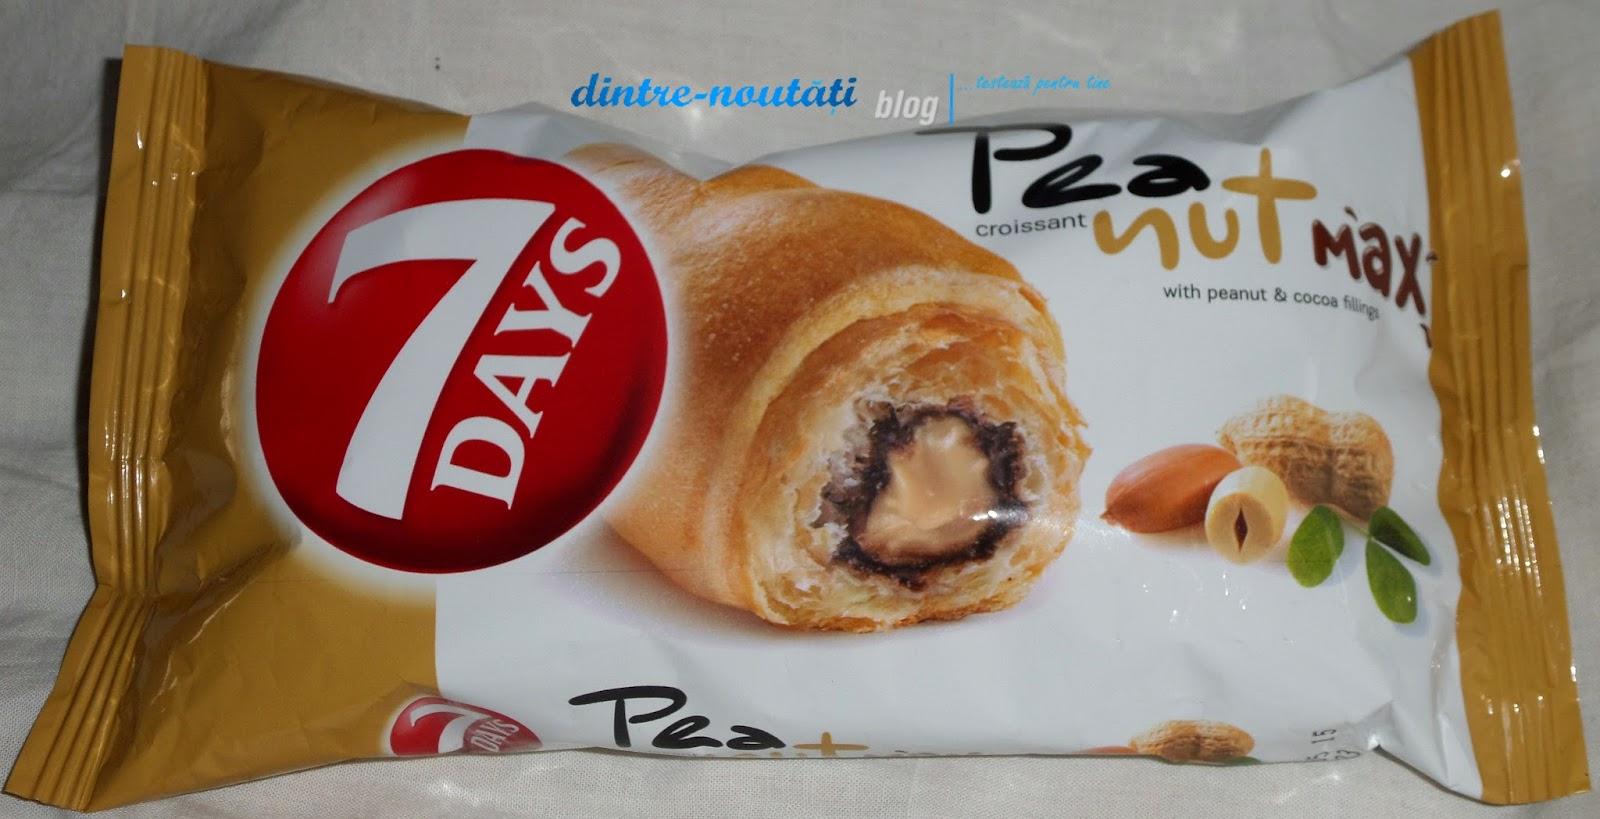 Croissant 7DAYS Peanut MaX with peanut & cocoa fillings - Croissant cu umplutură de arahide și cacao